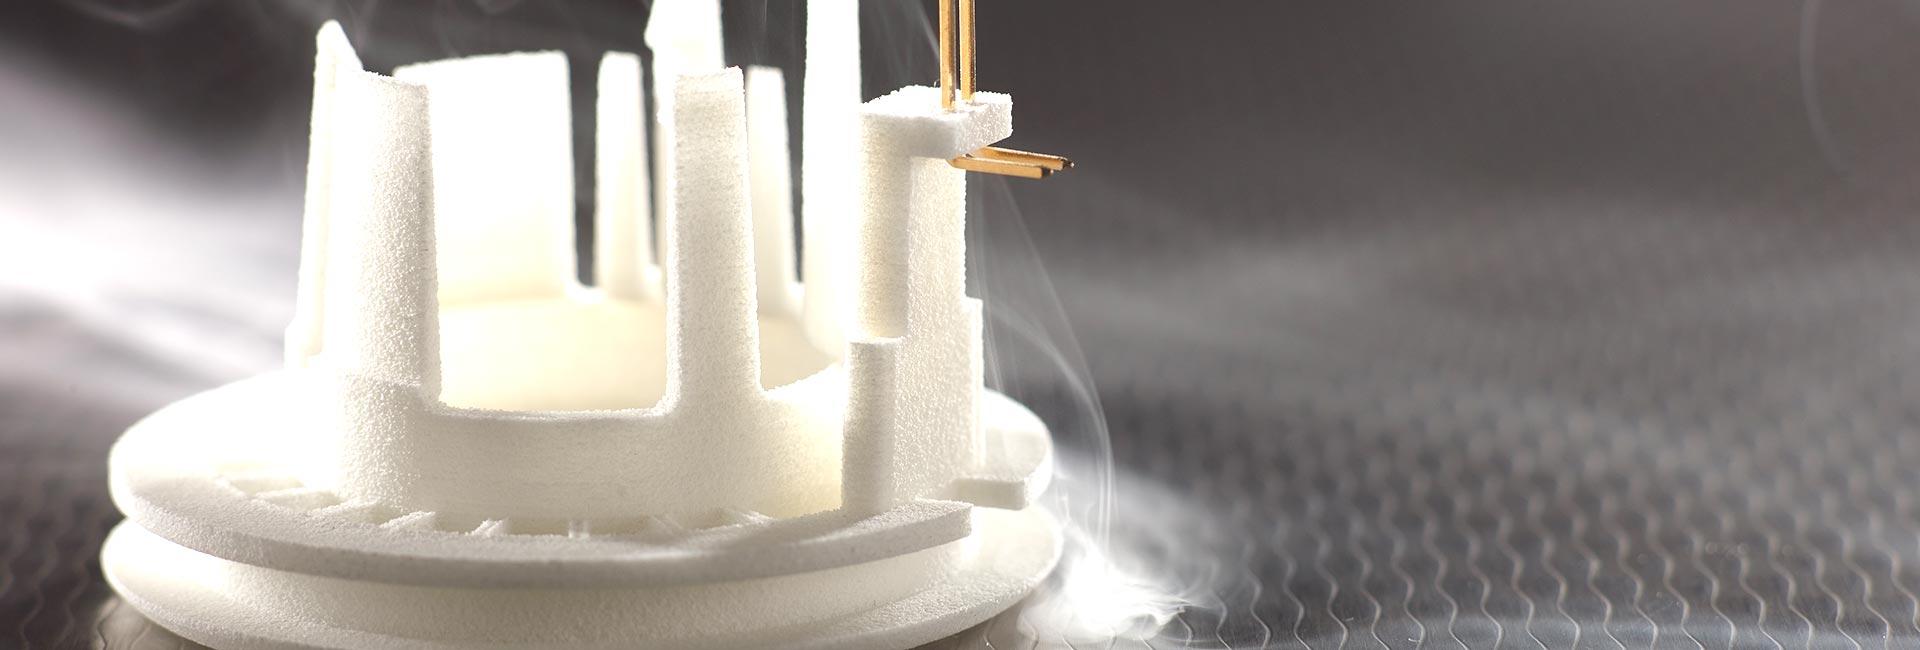 3D Druck Funktionsmodelle